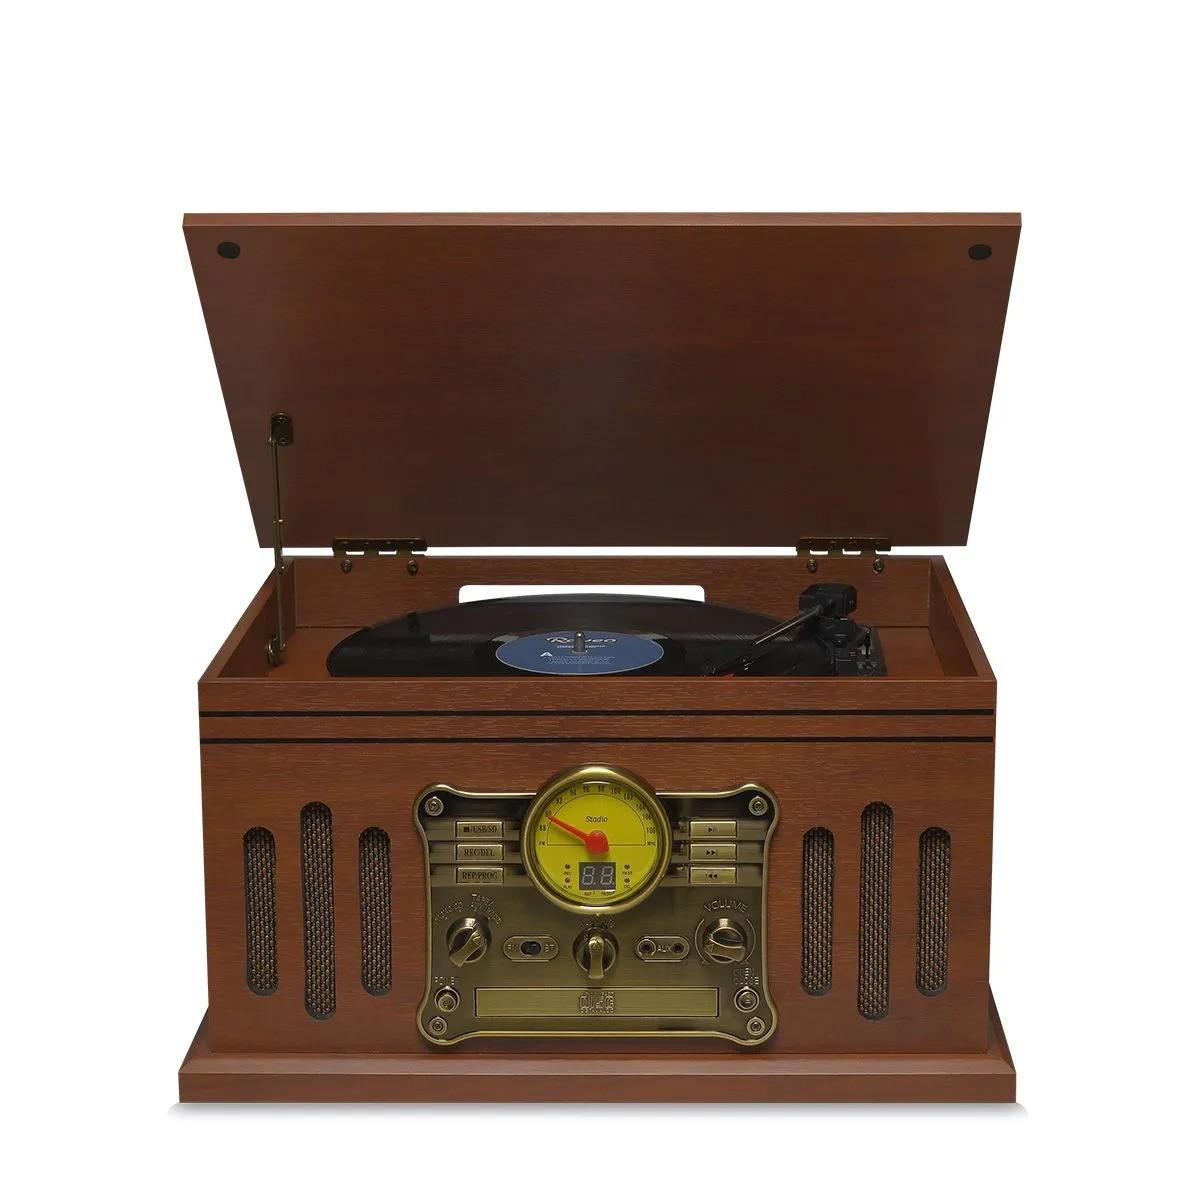 Vitrola Raveo Stadio Toca Disco Bivolt com Bluetooth USB Rádio FM e Cartão SD